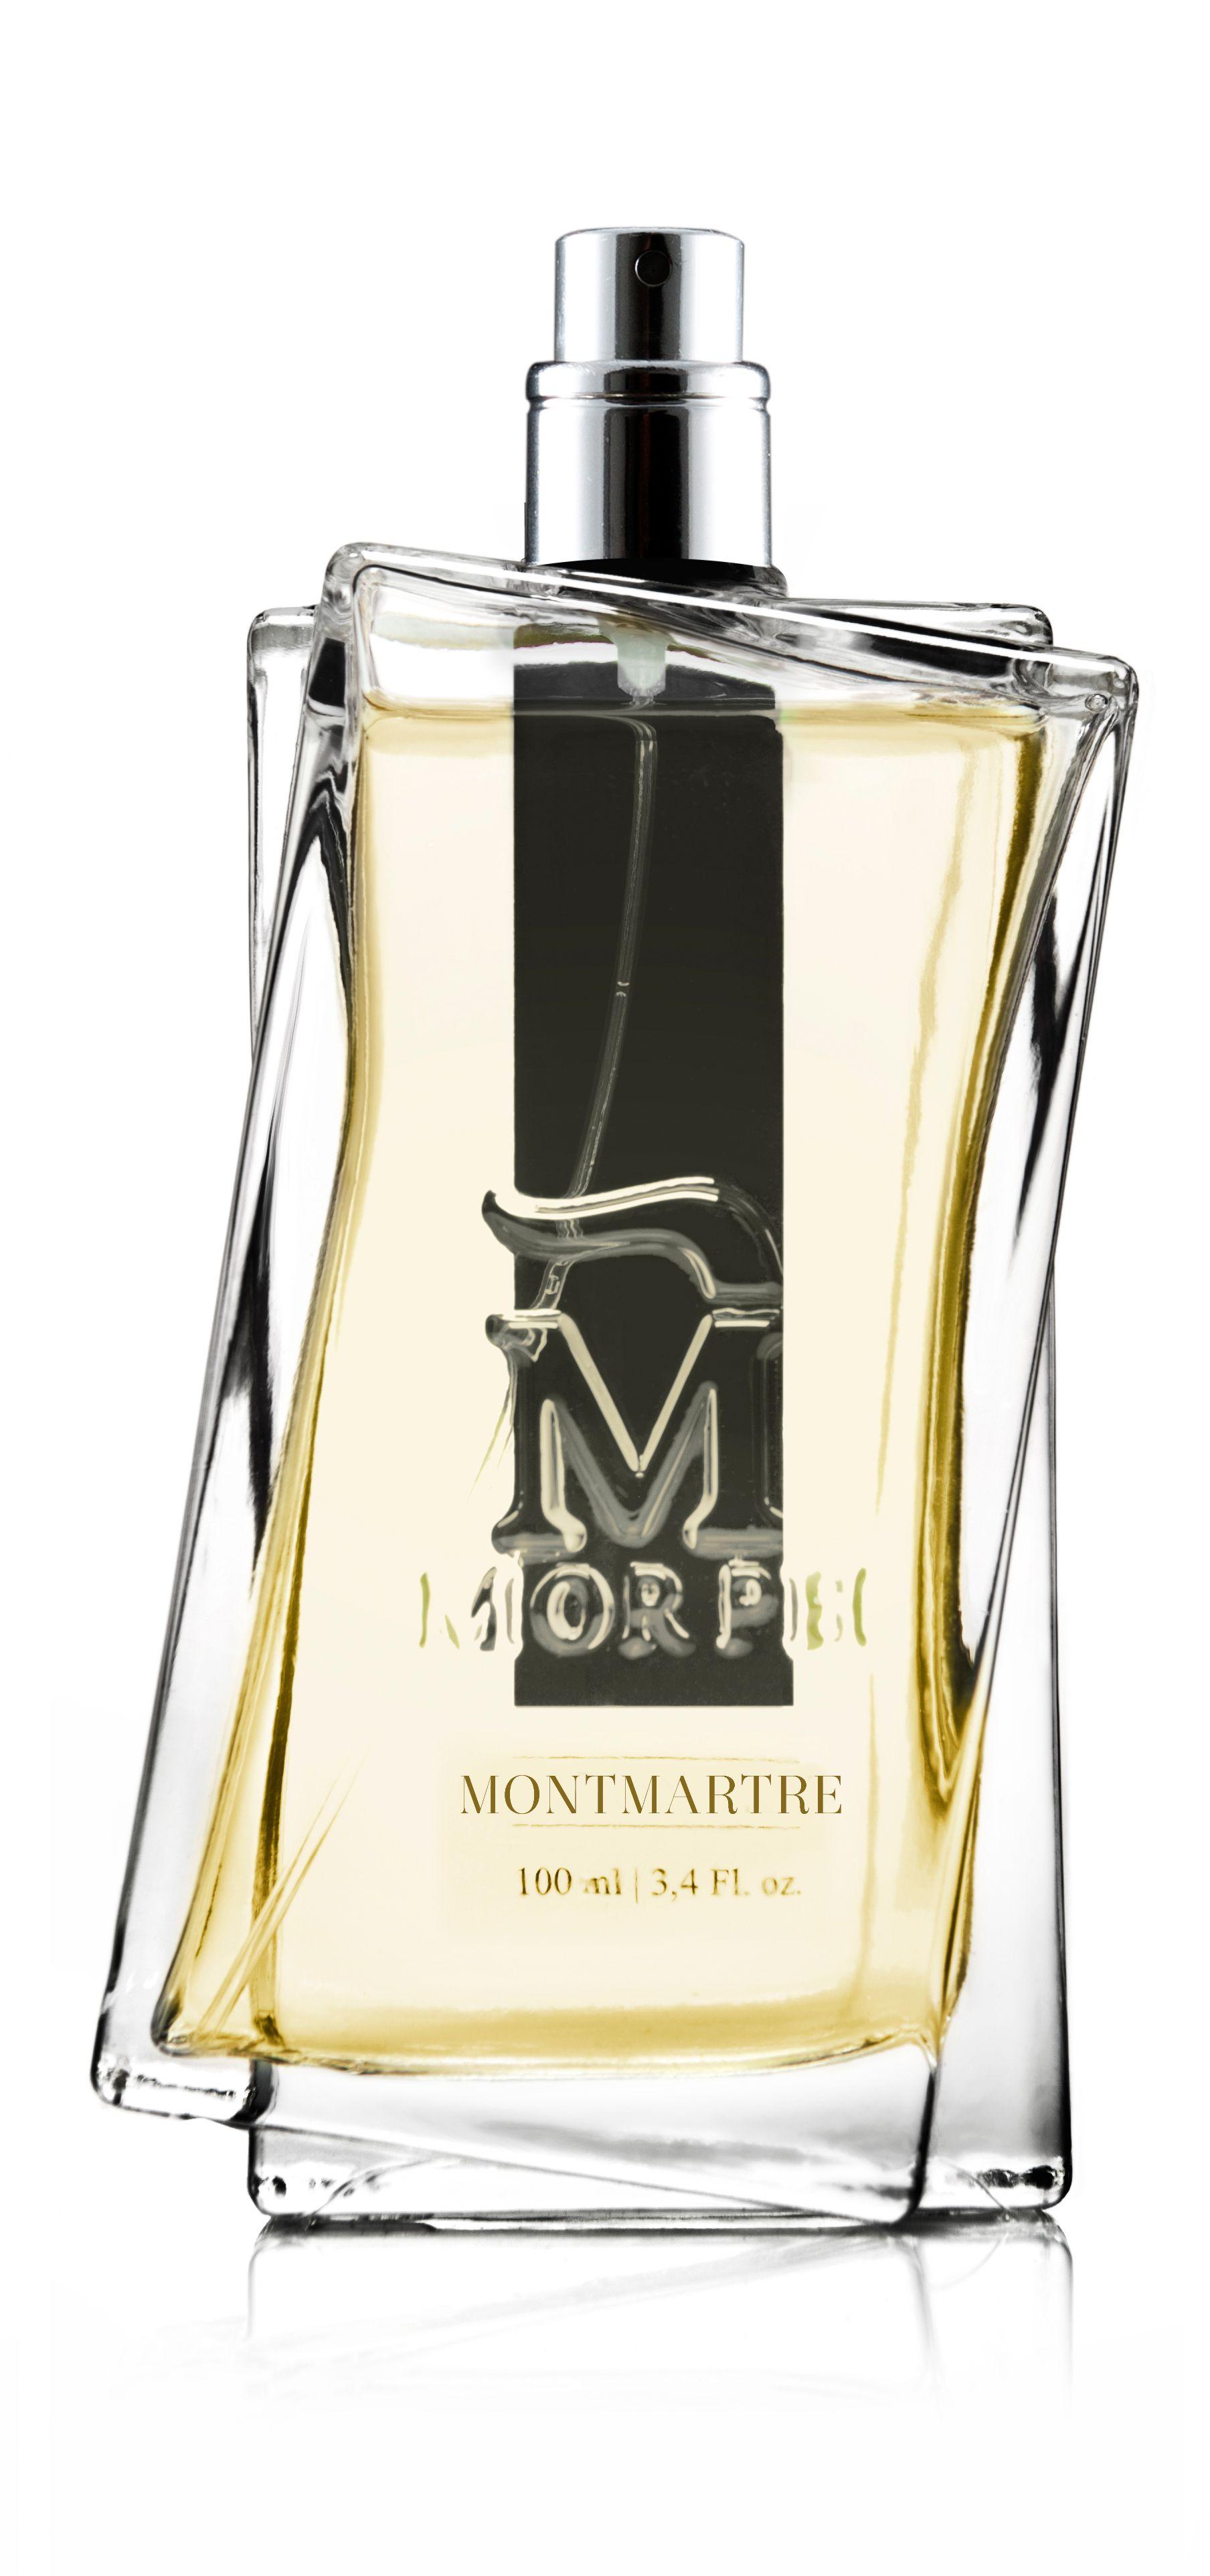 More intense, more enchanting. something very special • Profumo Morph Montmartre. • Qualcosa di molto speciale. • Una sublime ambra intrisa di cuoio e muschio fanno di Montmartre un'armoniosa composizione di note: qualcosa di molto speciale.